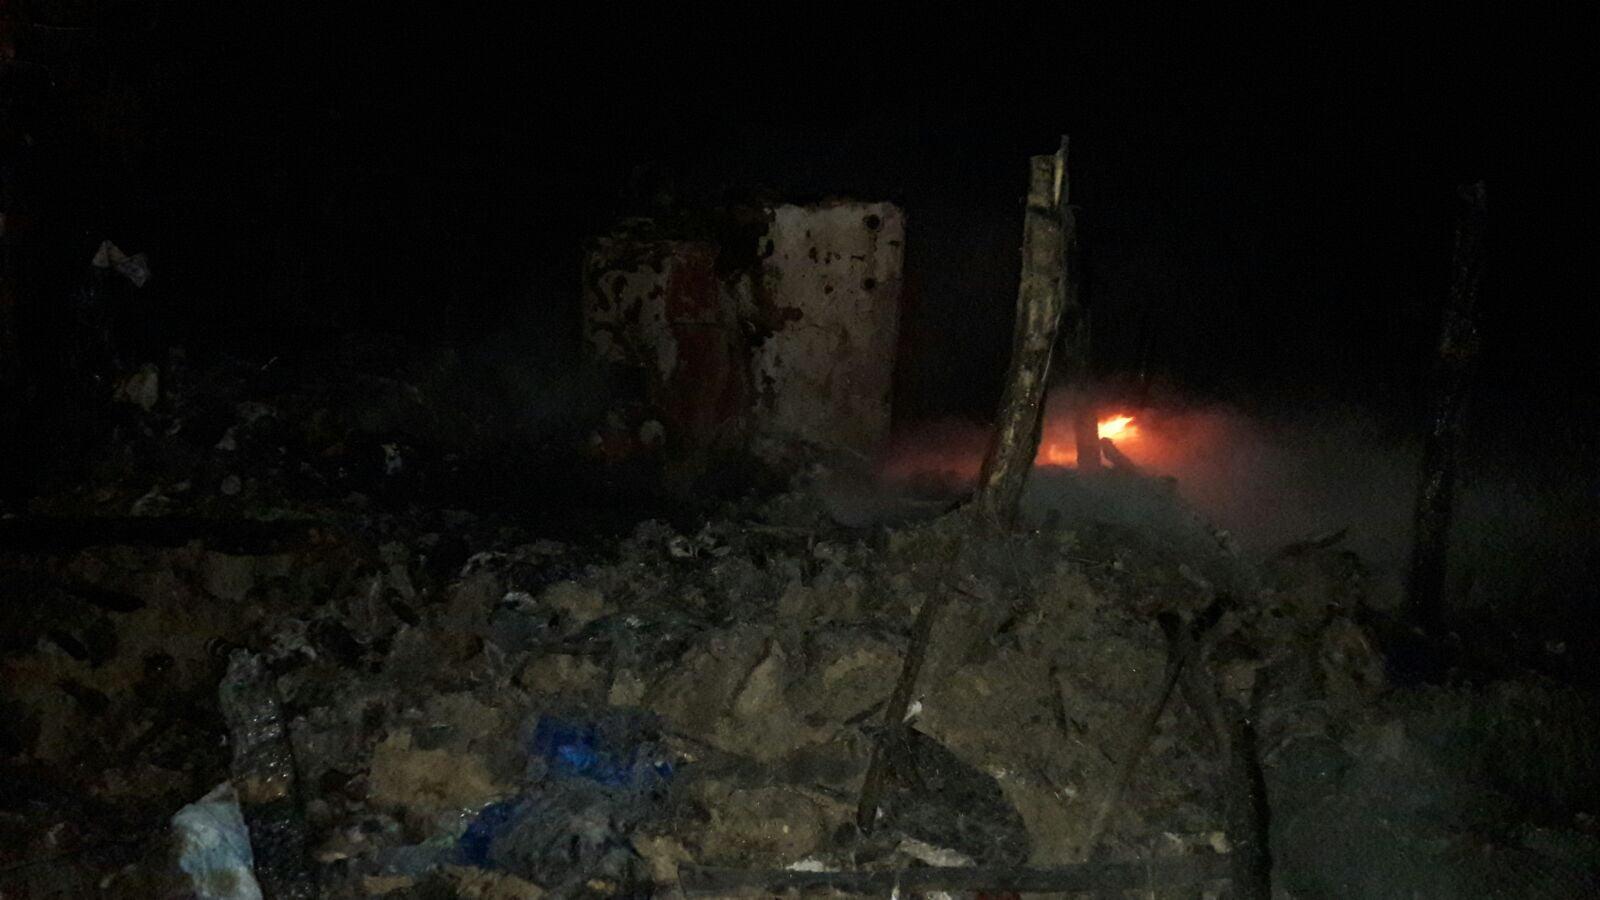 Un bărbat a murit , iar altă familie și-a piedrut bunurile în incendiu